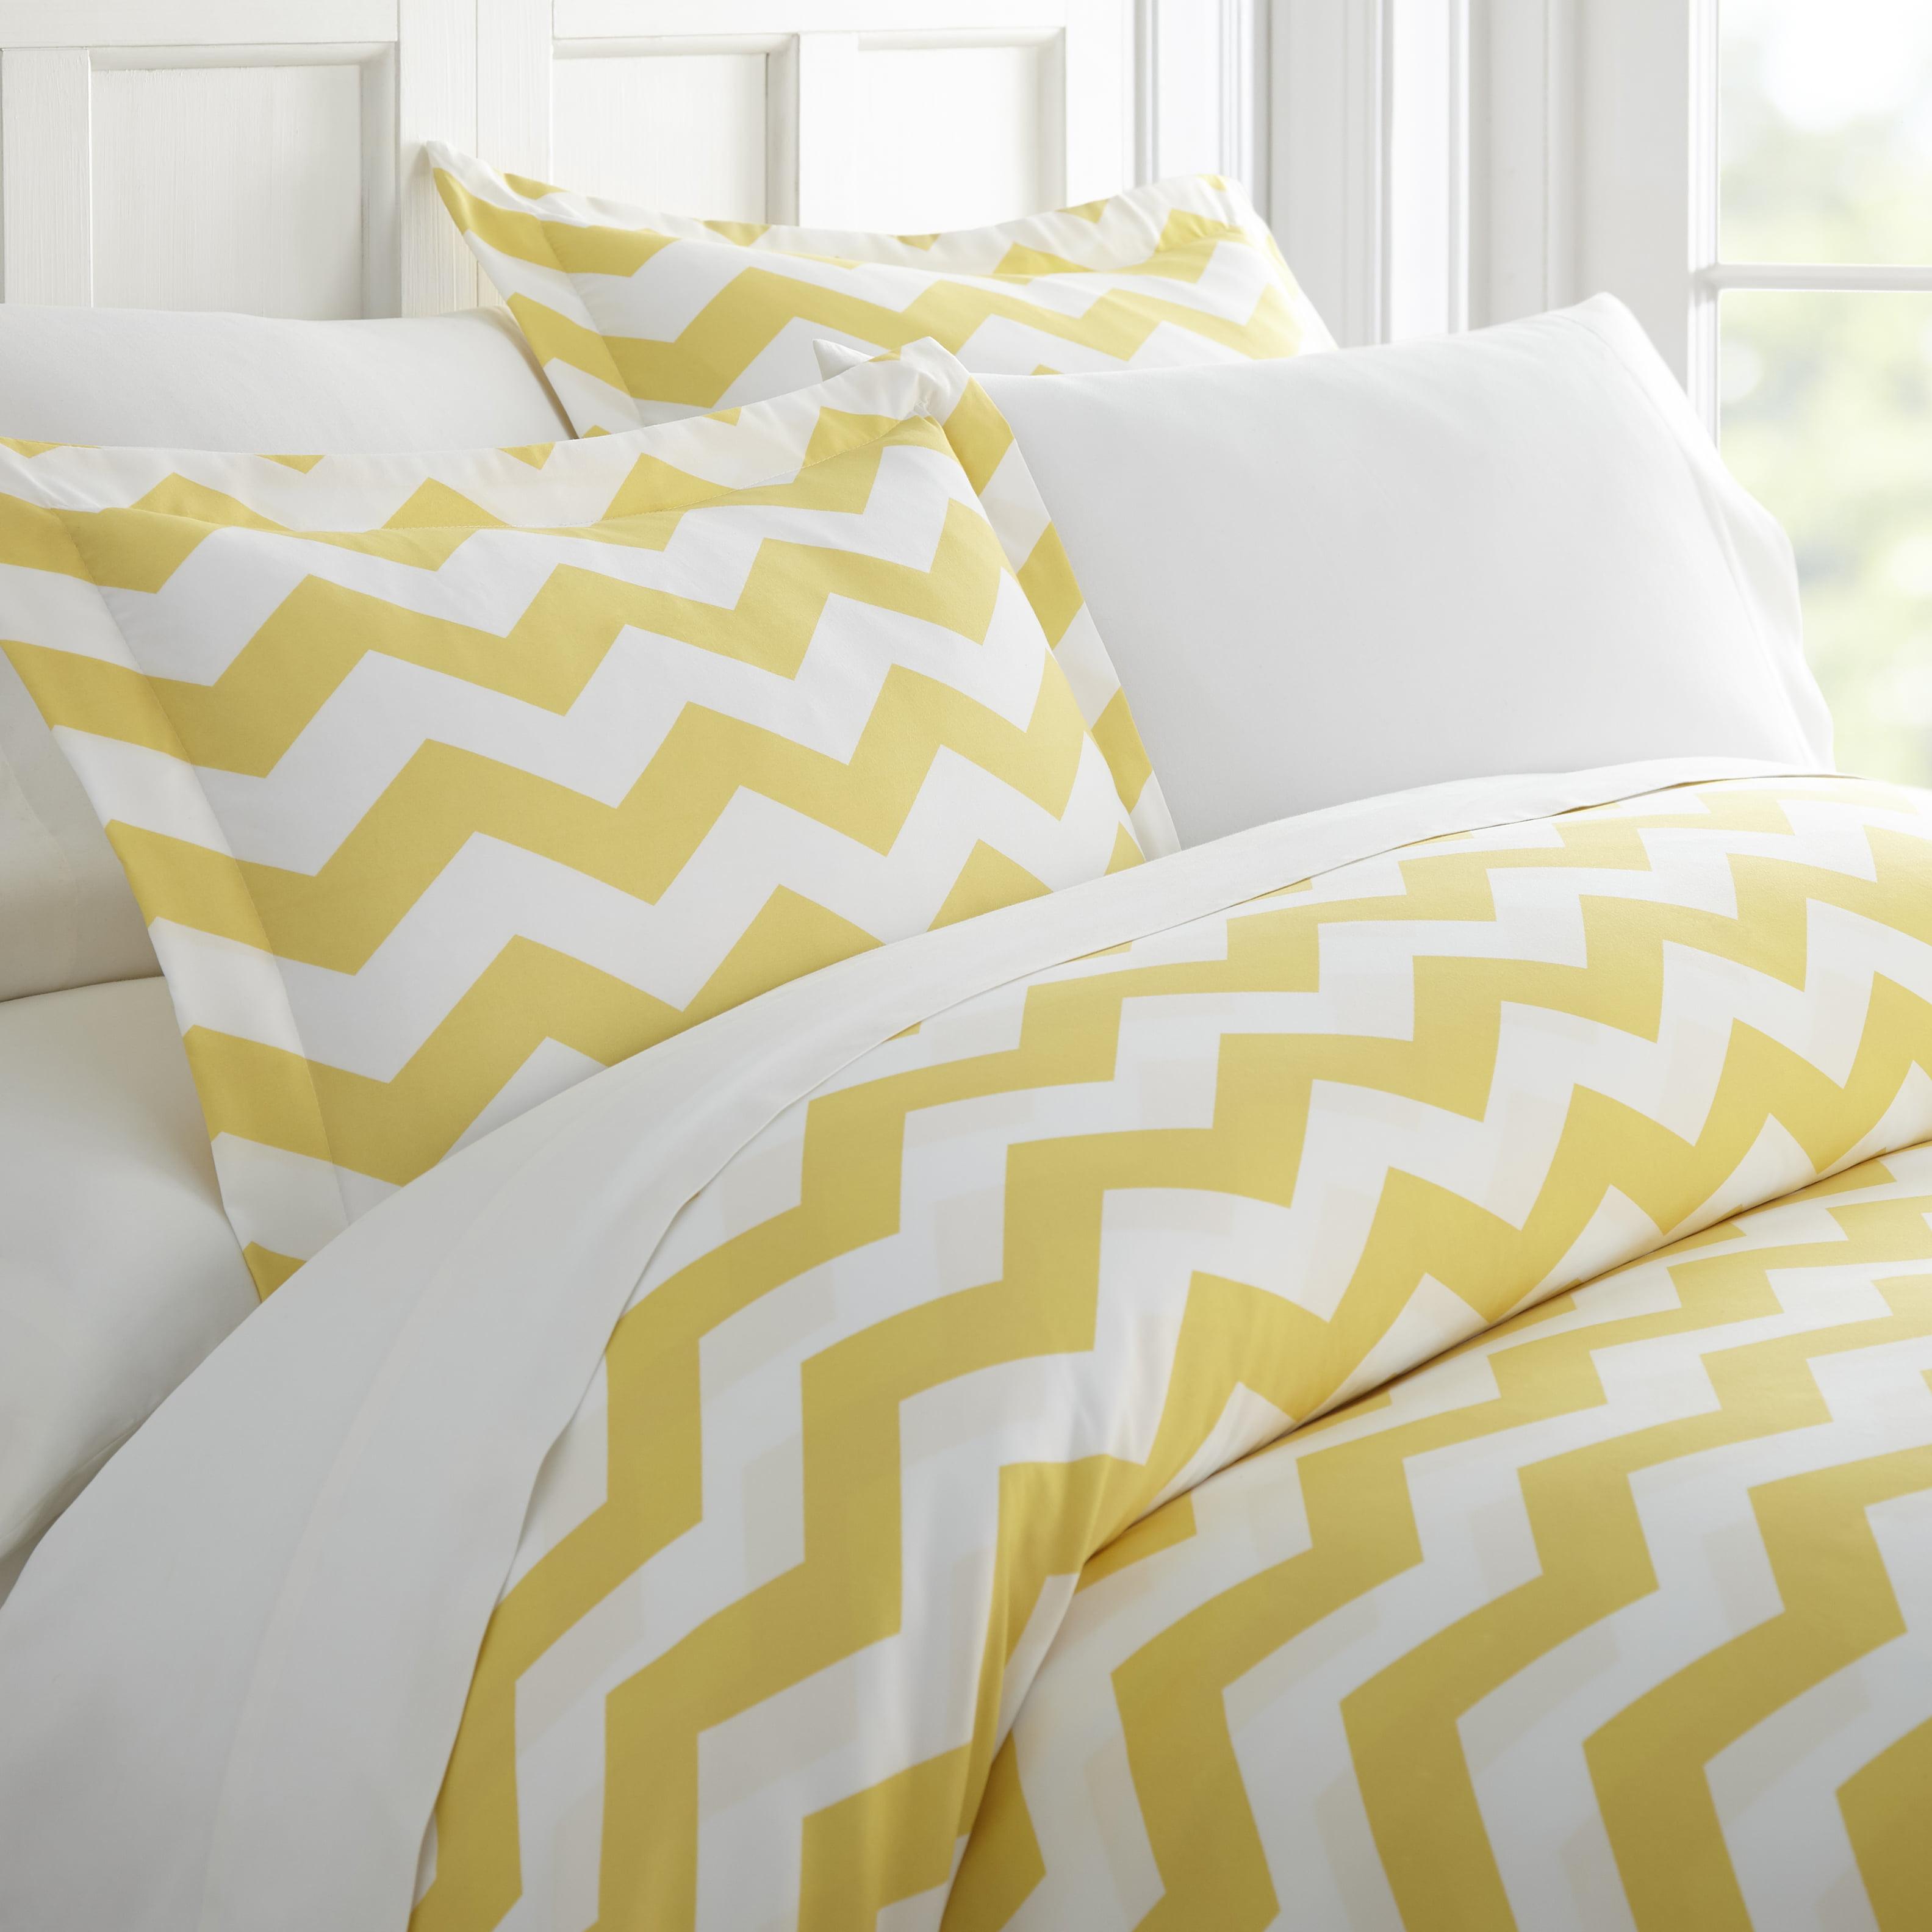 Noble Linens Premium Ultra Soft 3 Piece Arrow Print Duvet Cover Set